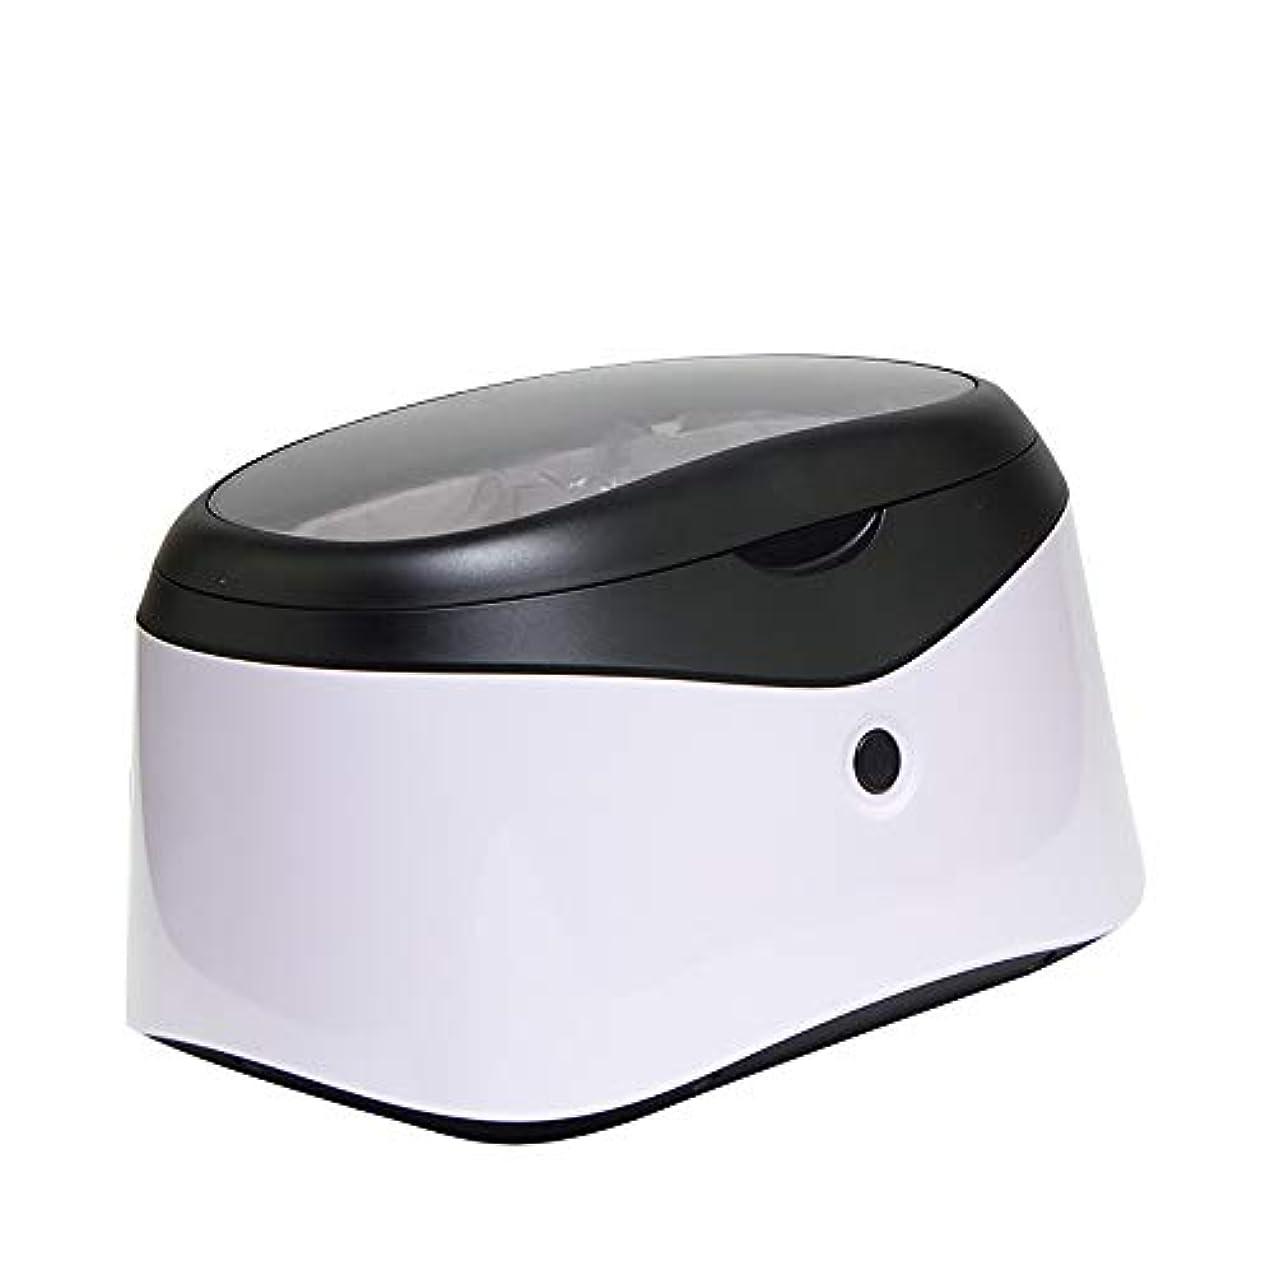 ハイライトちょっと待って絶対の消毒機、超音波洗浄機2.5Lミニ超音波洗浄宝ネイルマシンの消毒洗浄アーティファクトを清掃